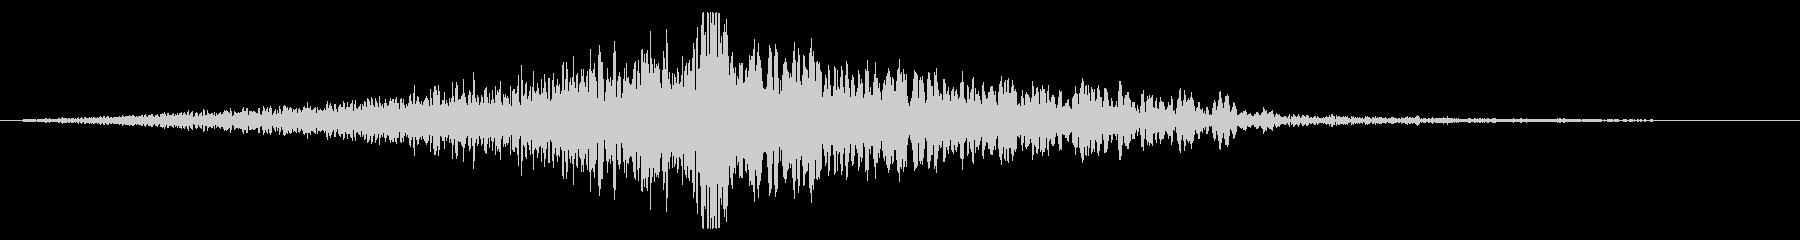 ホラー系アタック音116の未再生の波形